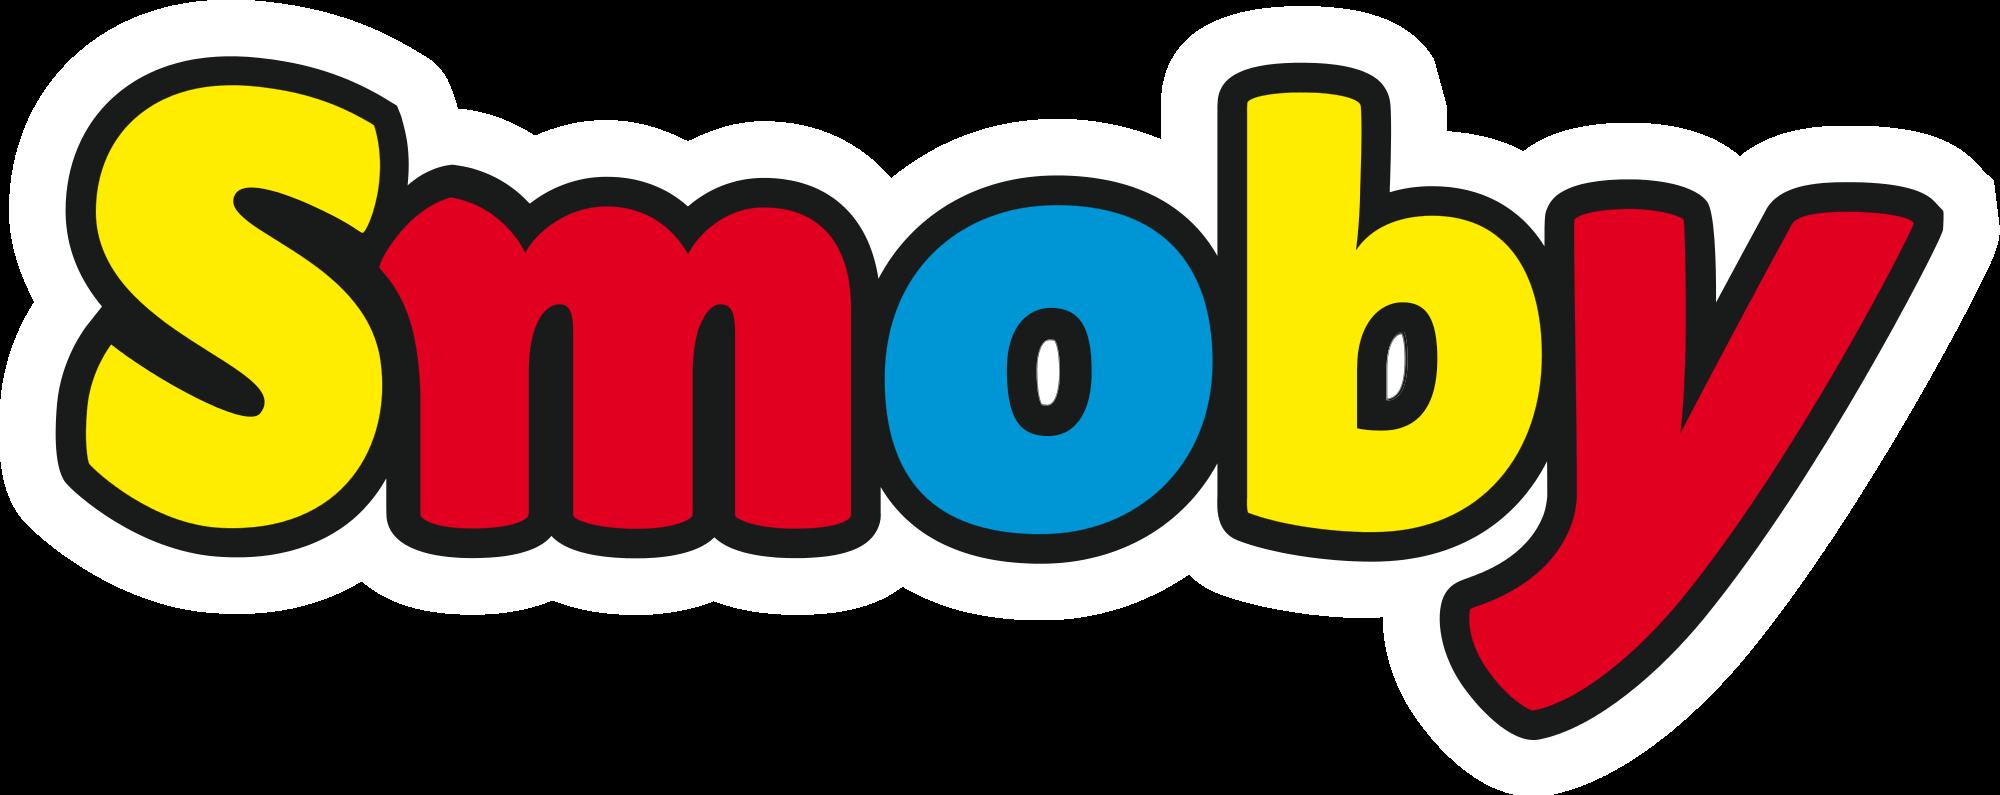 Smoby Toys España